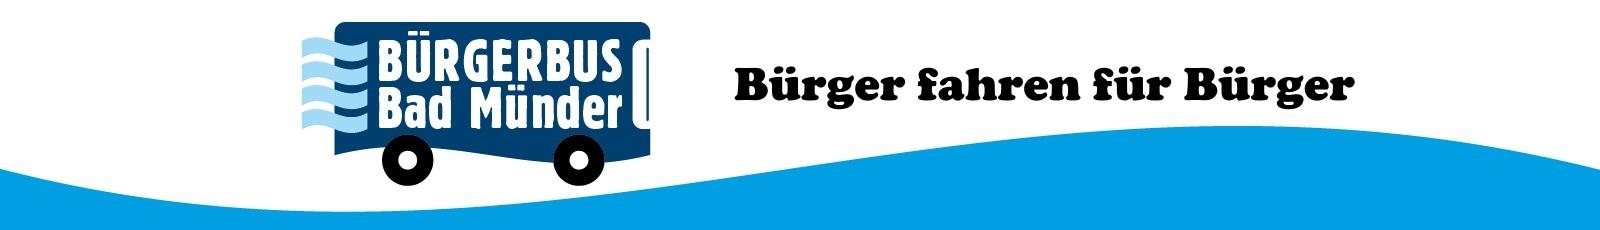 BÜRGERBUS Bad Münder